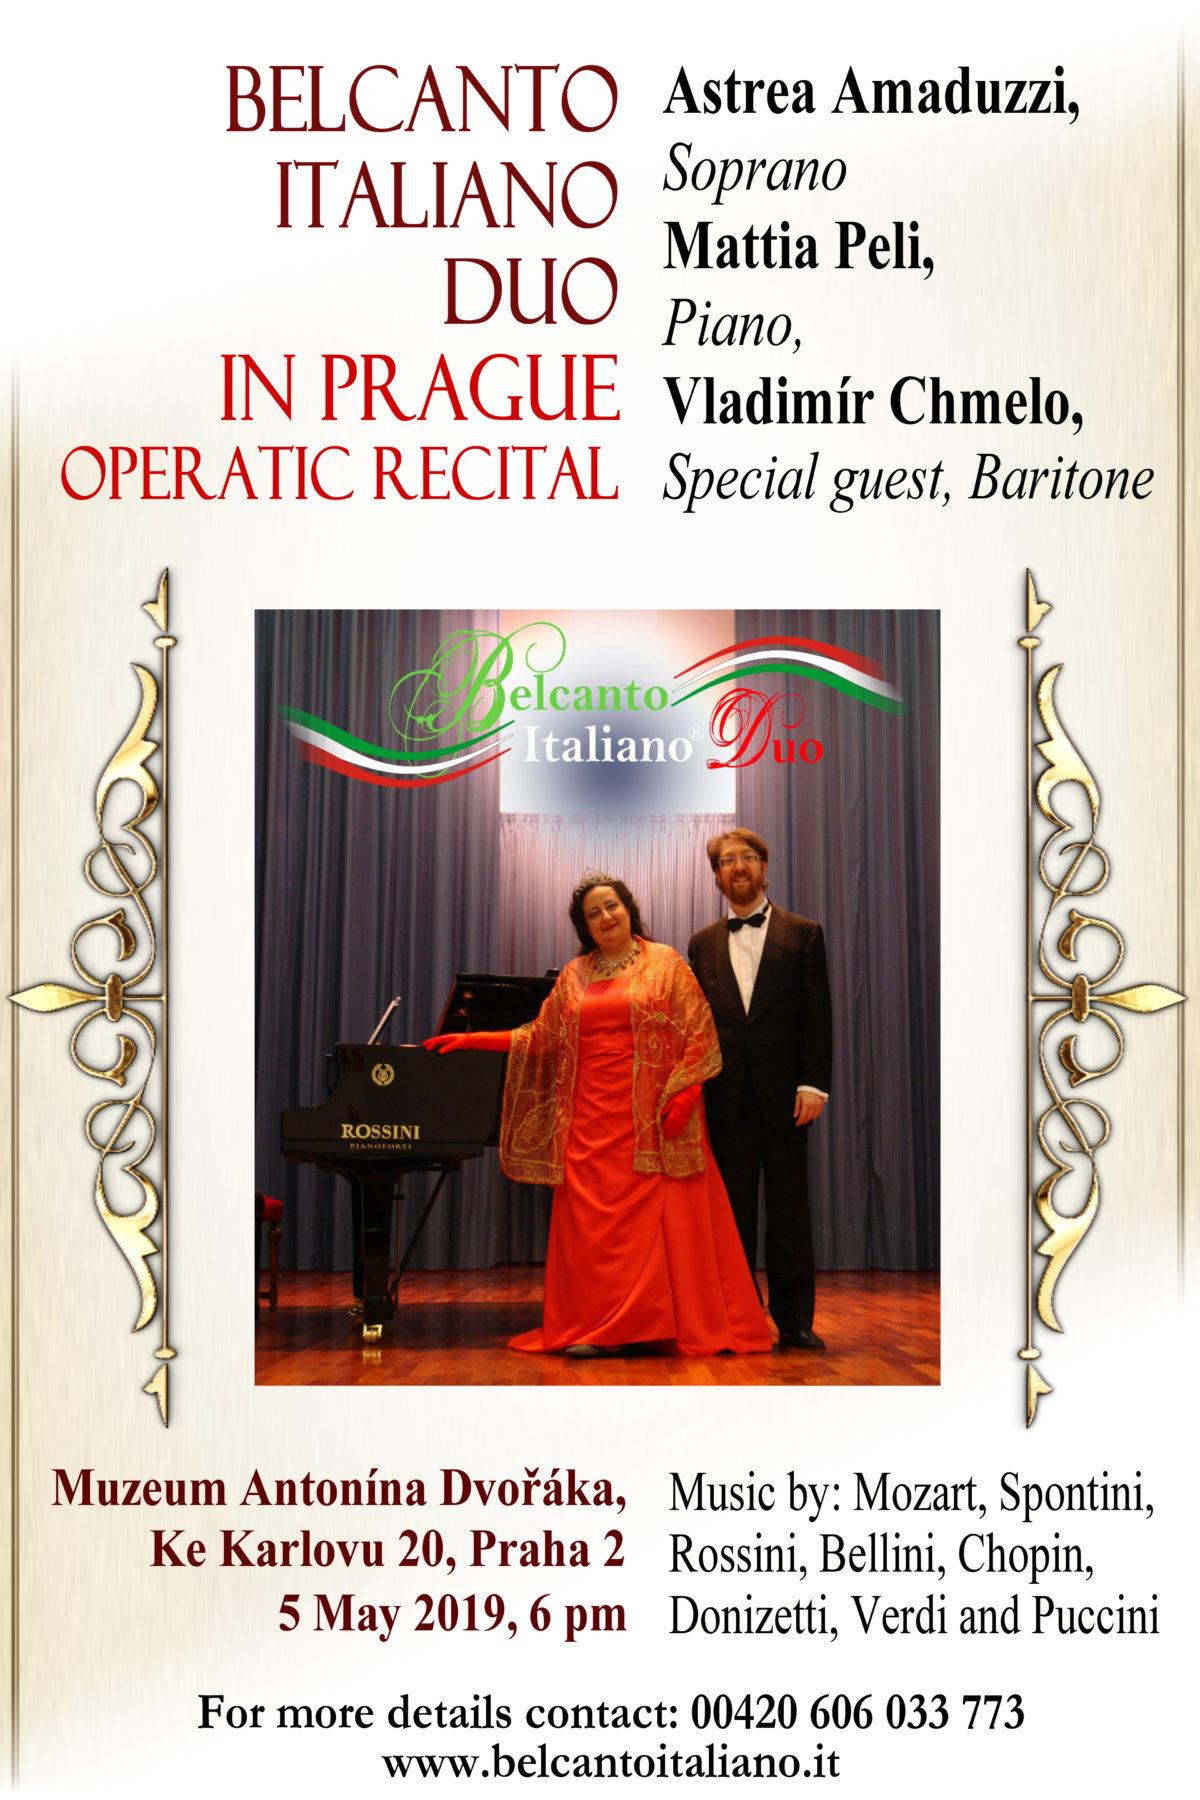 """Il """"Belcanto Italiano Duo"""" a Praga per un raffinato concerto al """"Dvorak Museum"""" – 5 maggio 2019"""